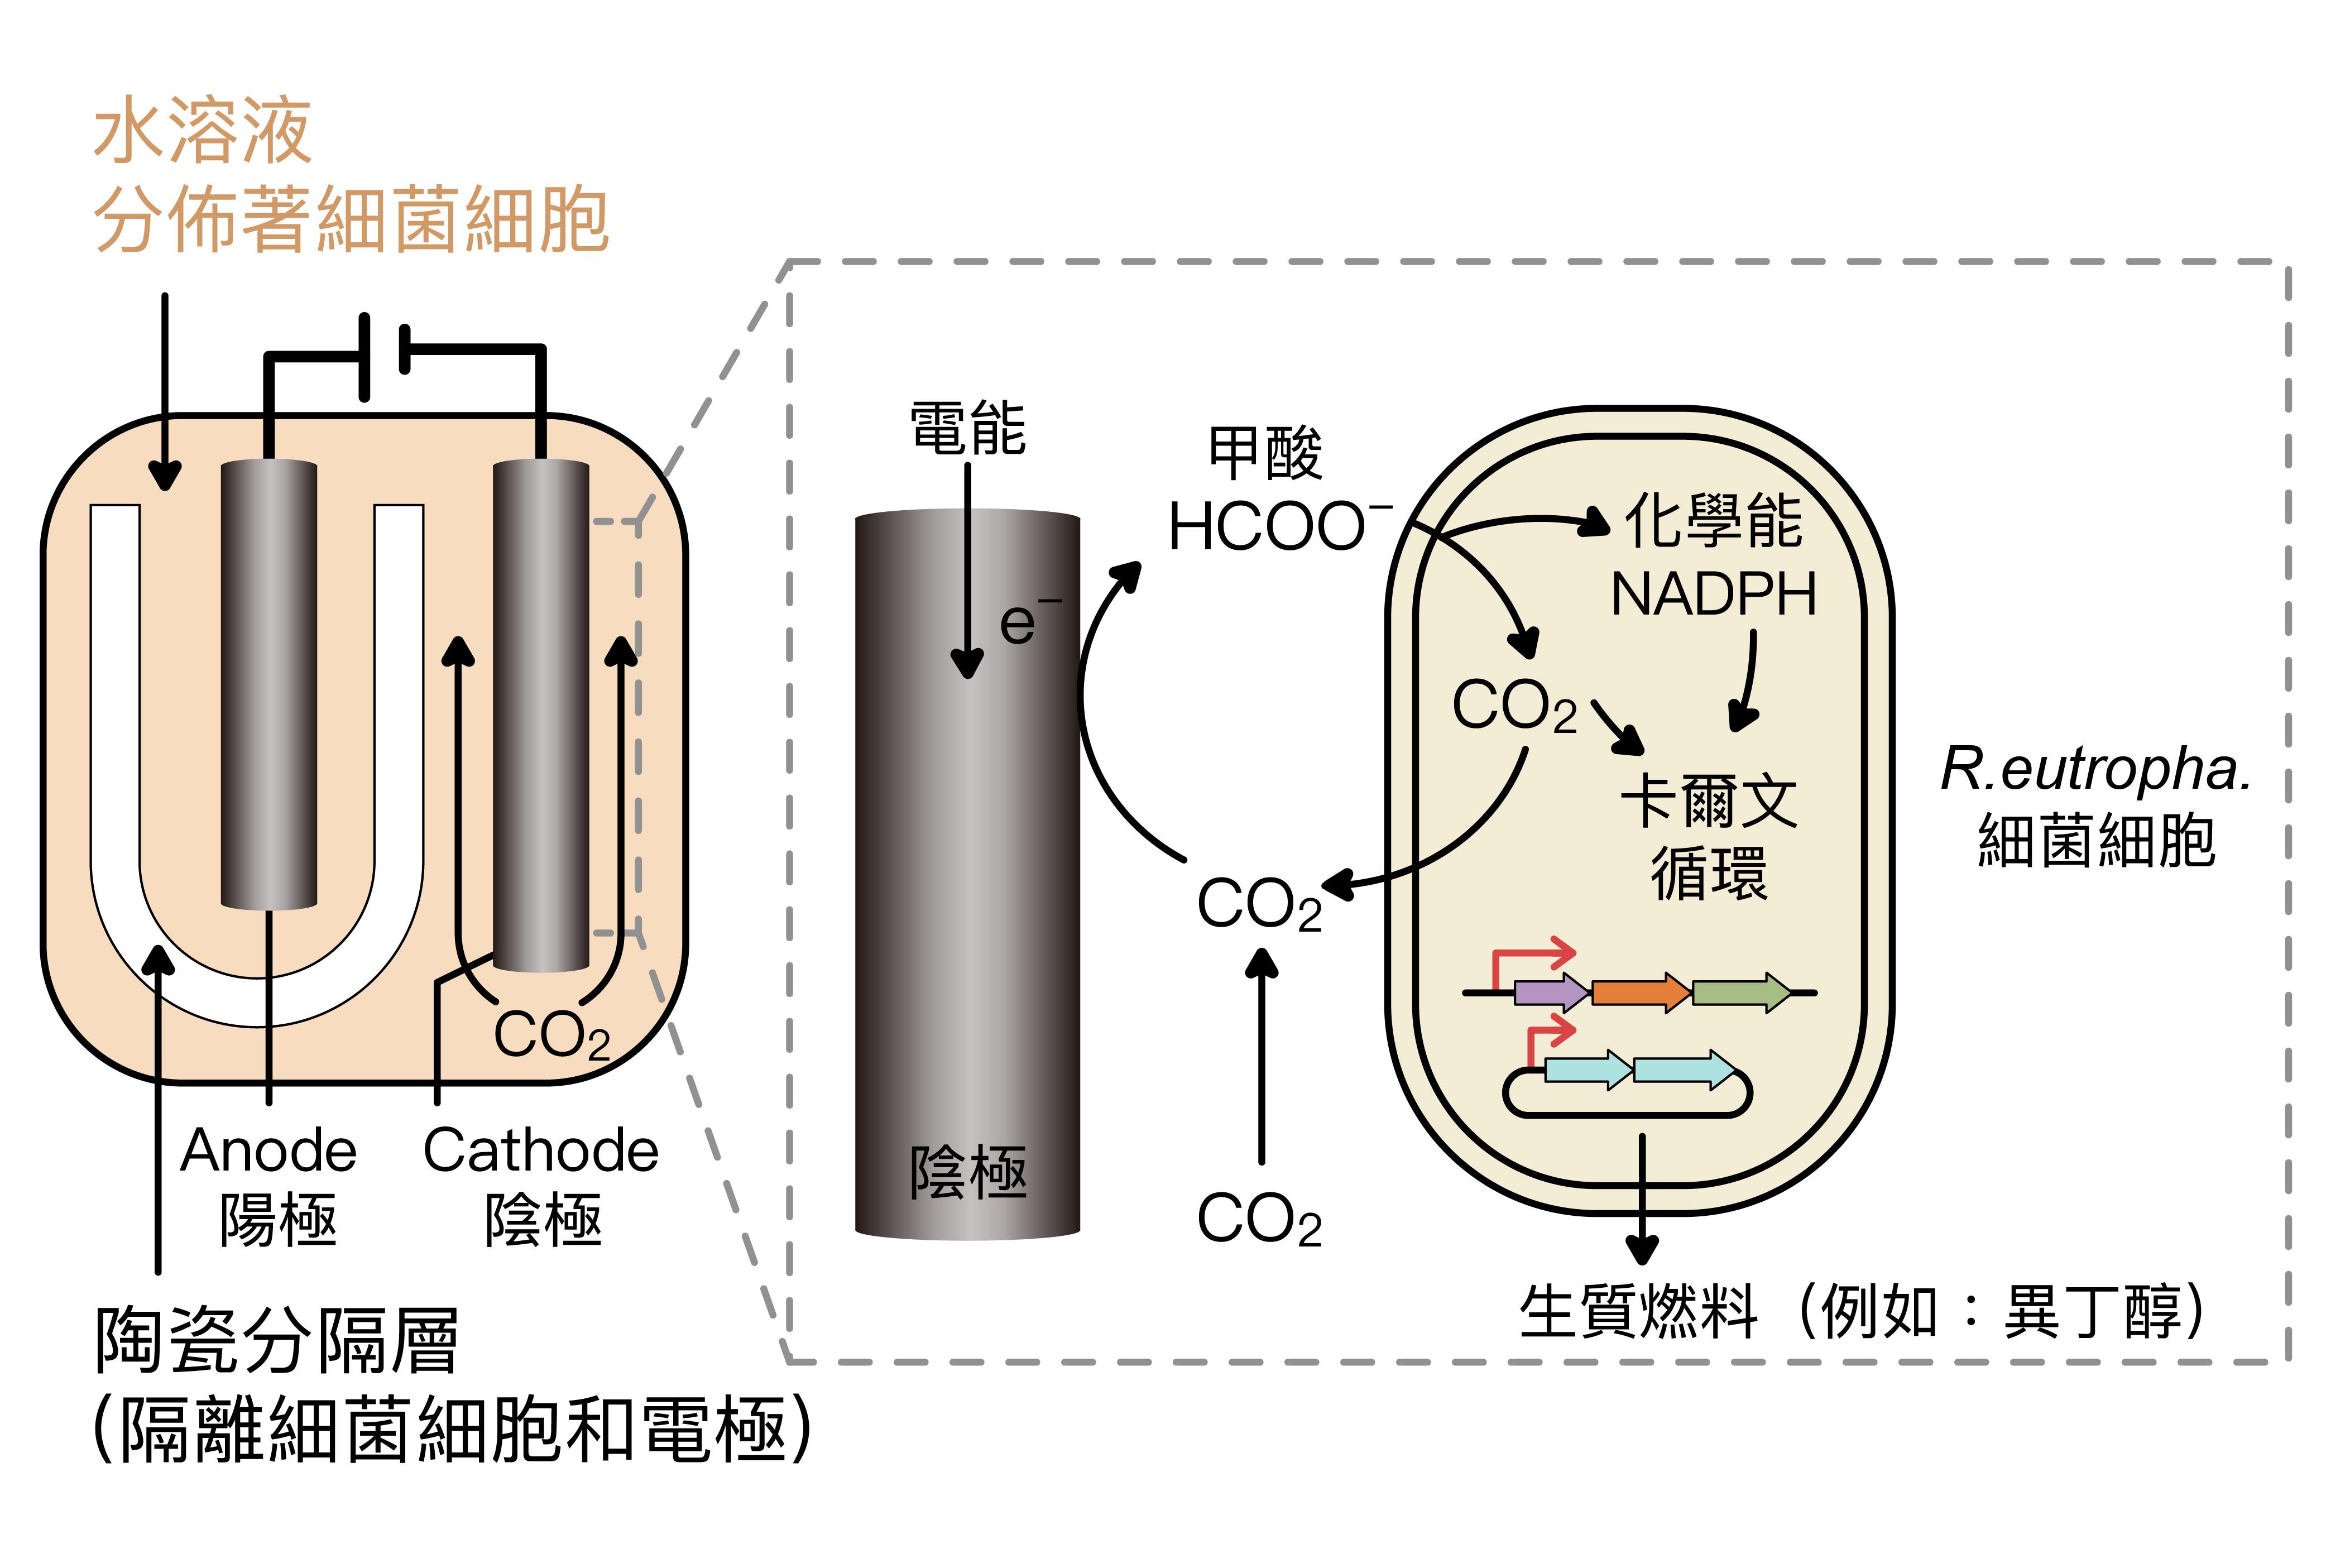 廖俊智與團隊改造的微生物系統:透過細菌細胞的合成反應,先將電能轉換為化學能,再用化學能合成產出燃料。 資料來源│Integrated electromicrobial conversion of CO2 to higher alcohols. 圖說重製│林婷嫻、張語辰